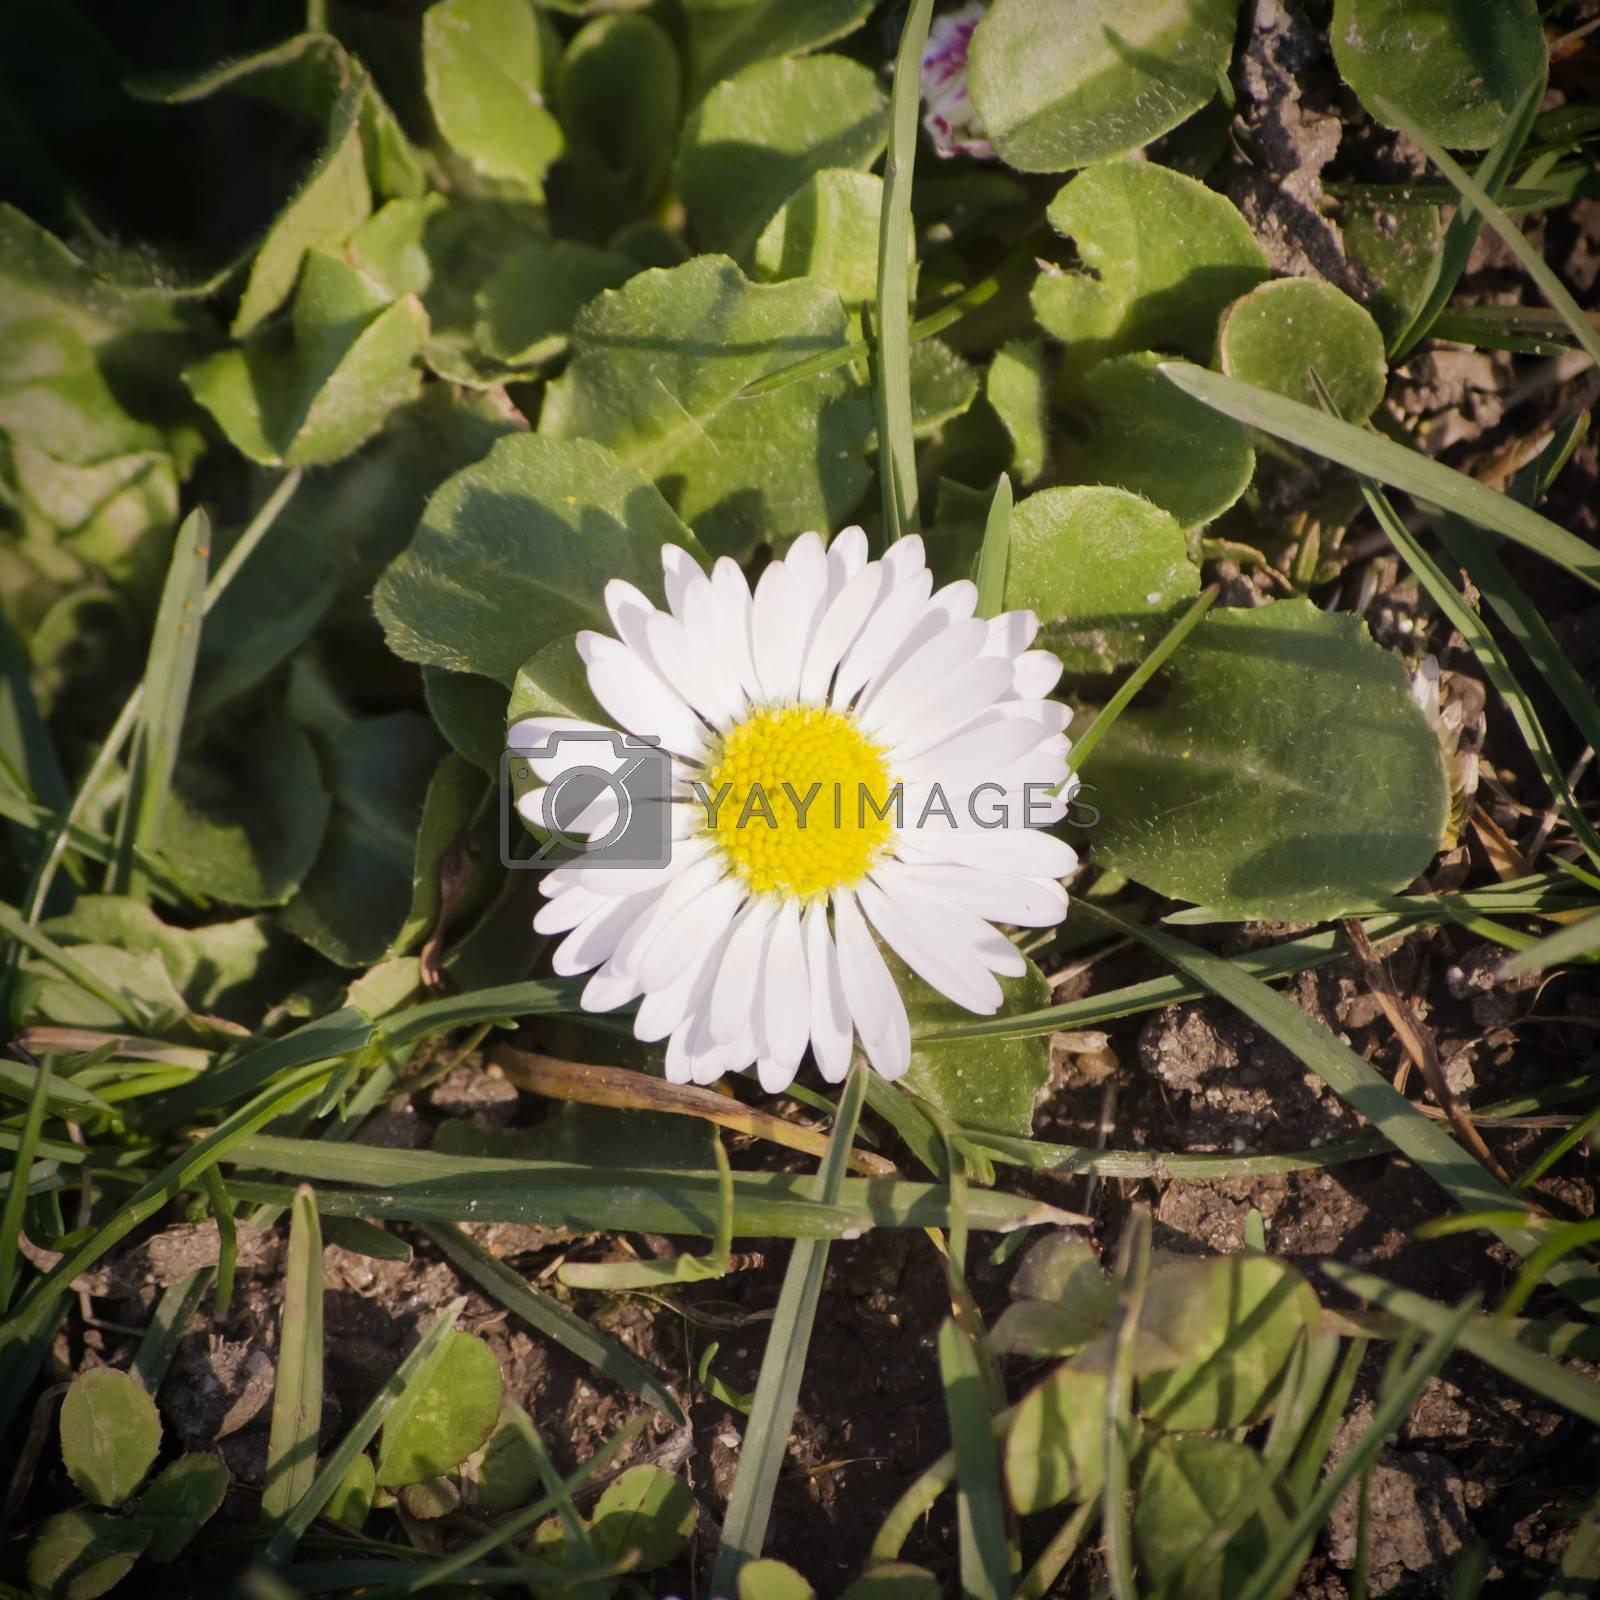 White Daisy by razvodovska